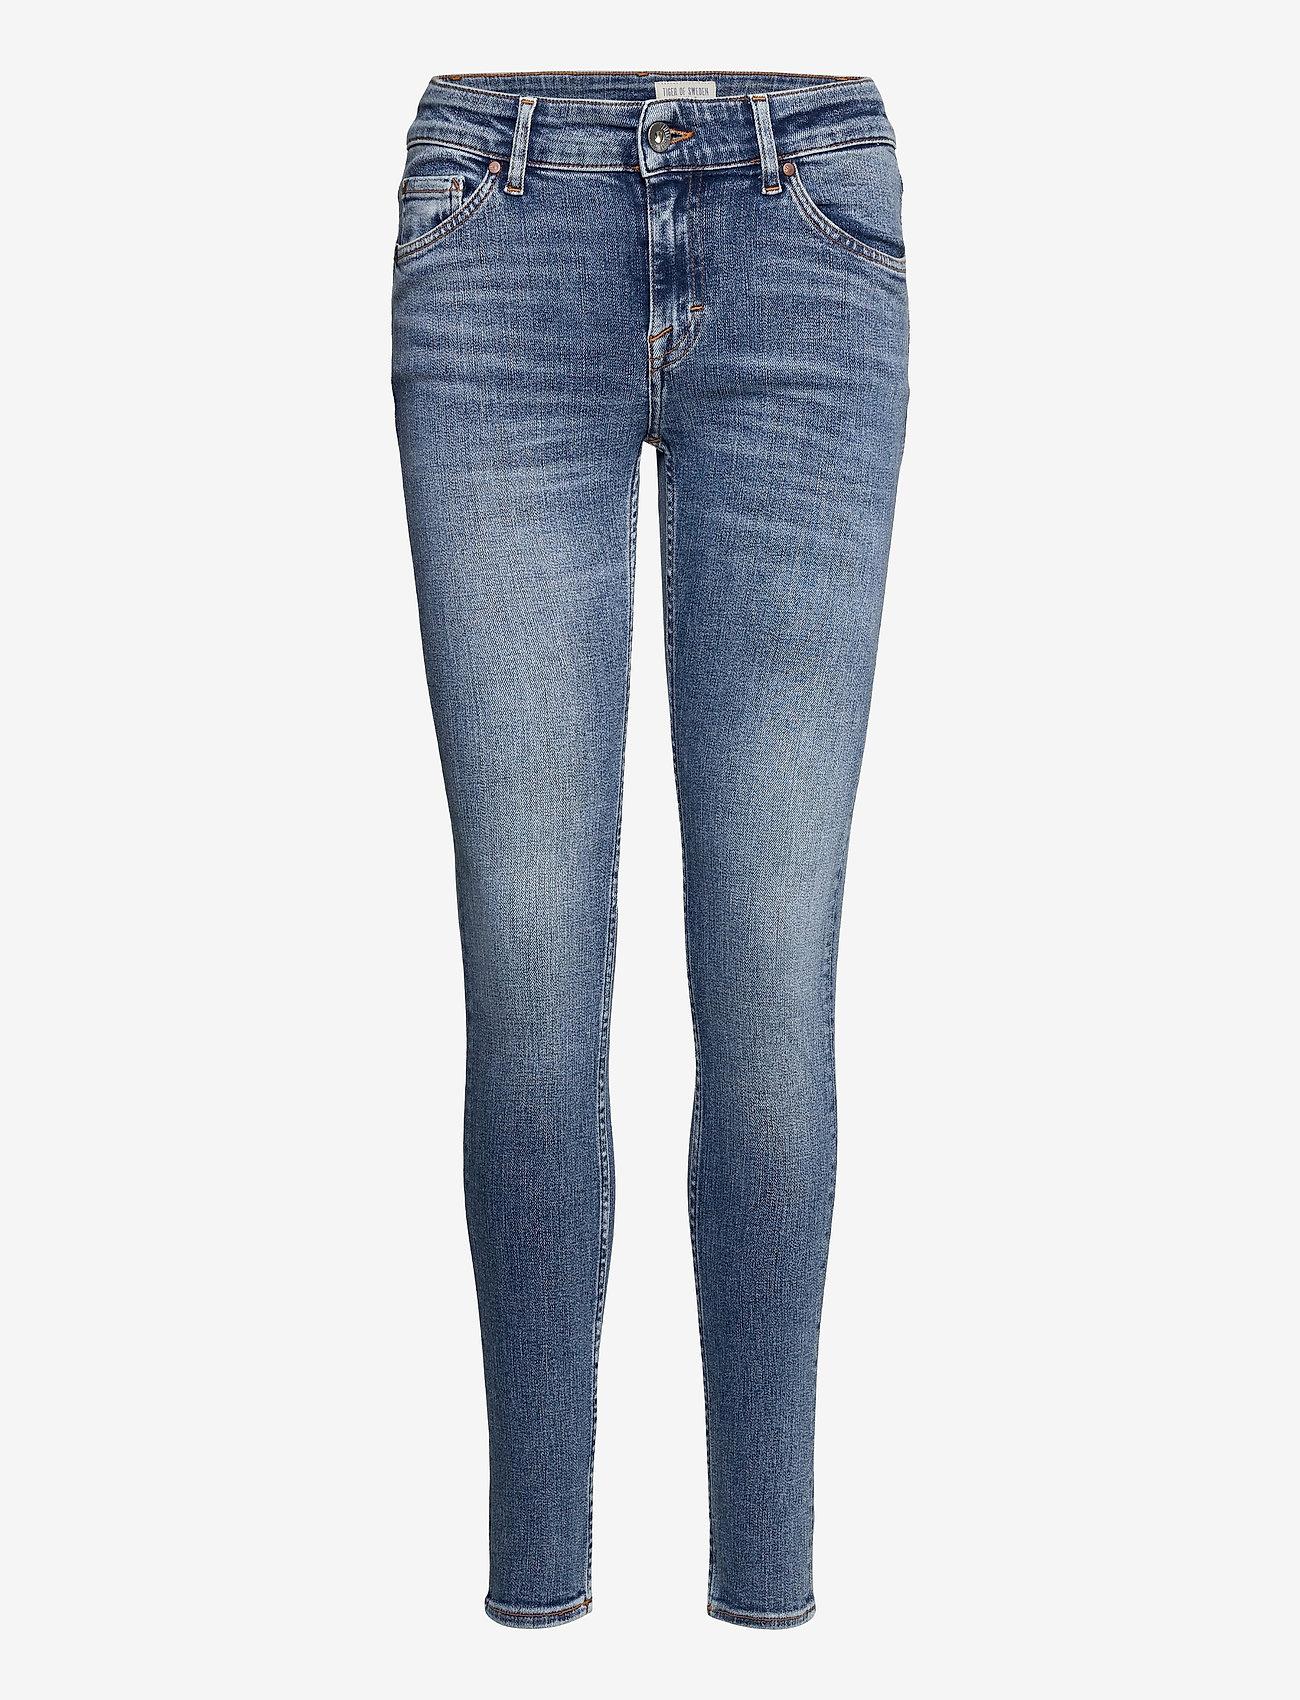 Tiger of Sweden Jeans - SLIGHT - slim jeans - dust blue - 0